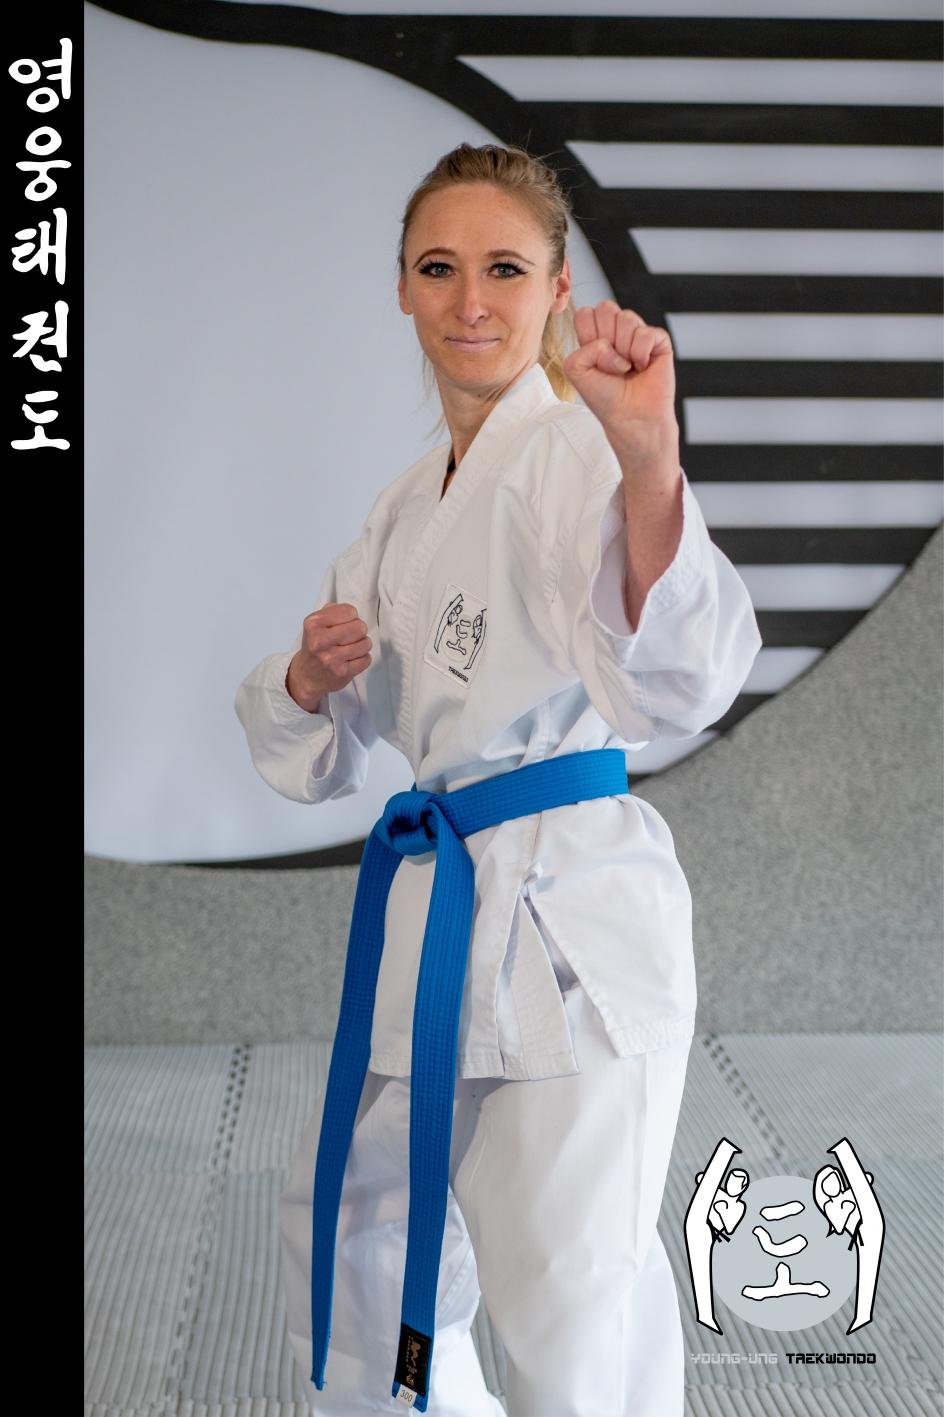 Taekwondo-Trainerin in Taekwondo Kick Pose aus Zweigstelle 7400 Oberwart